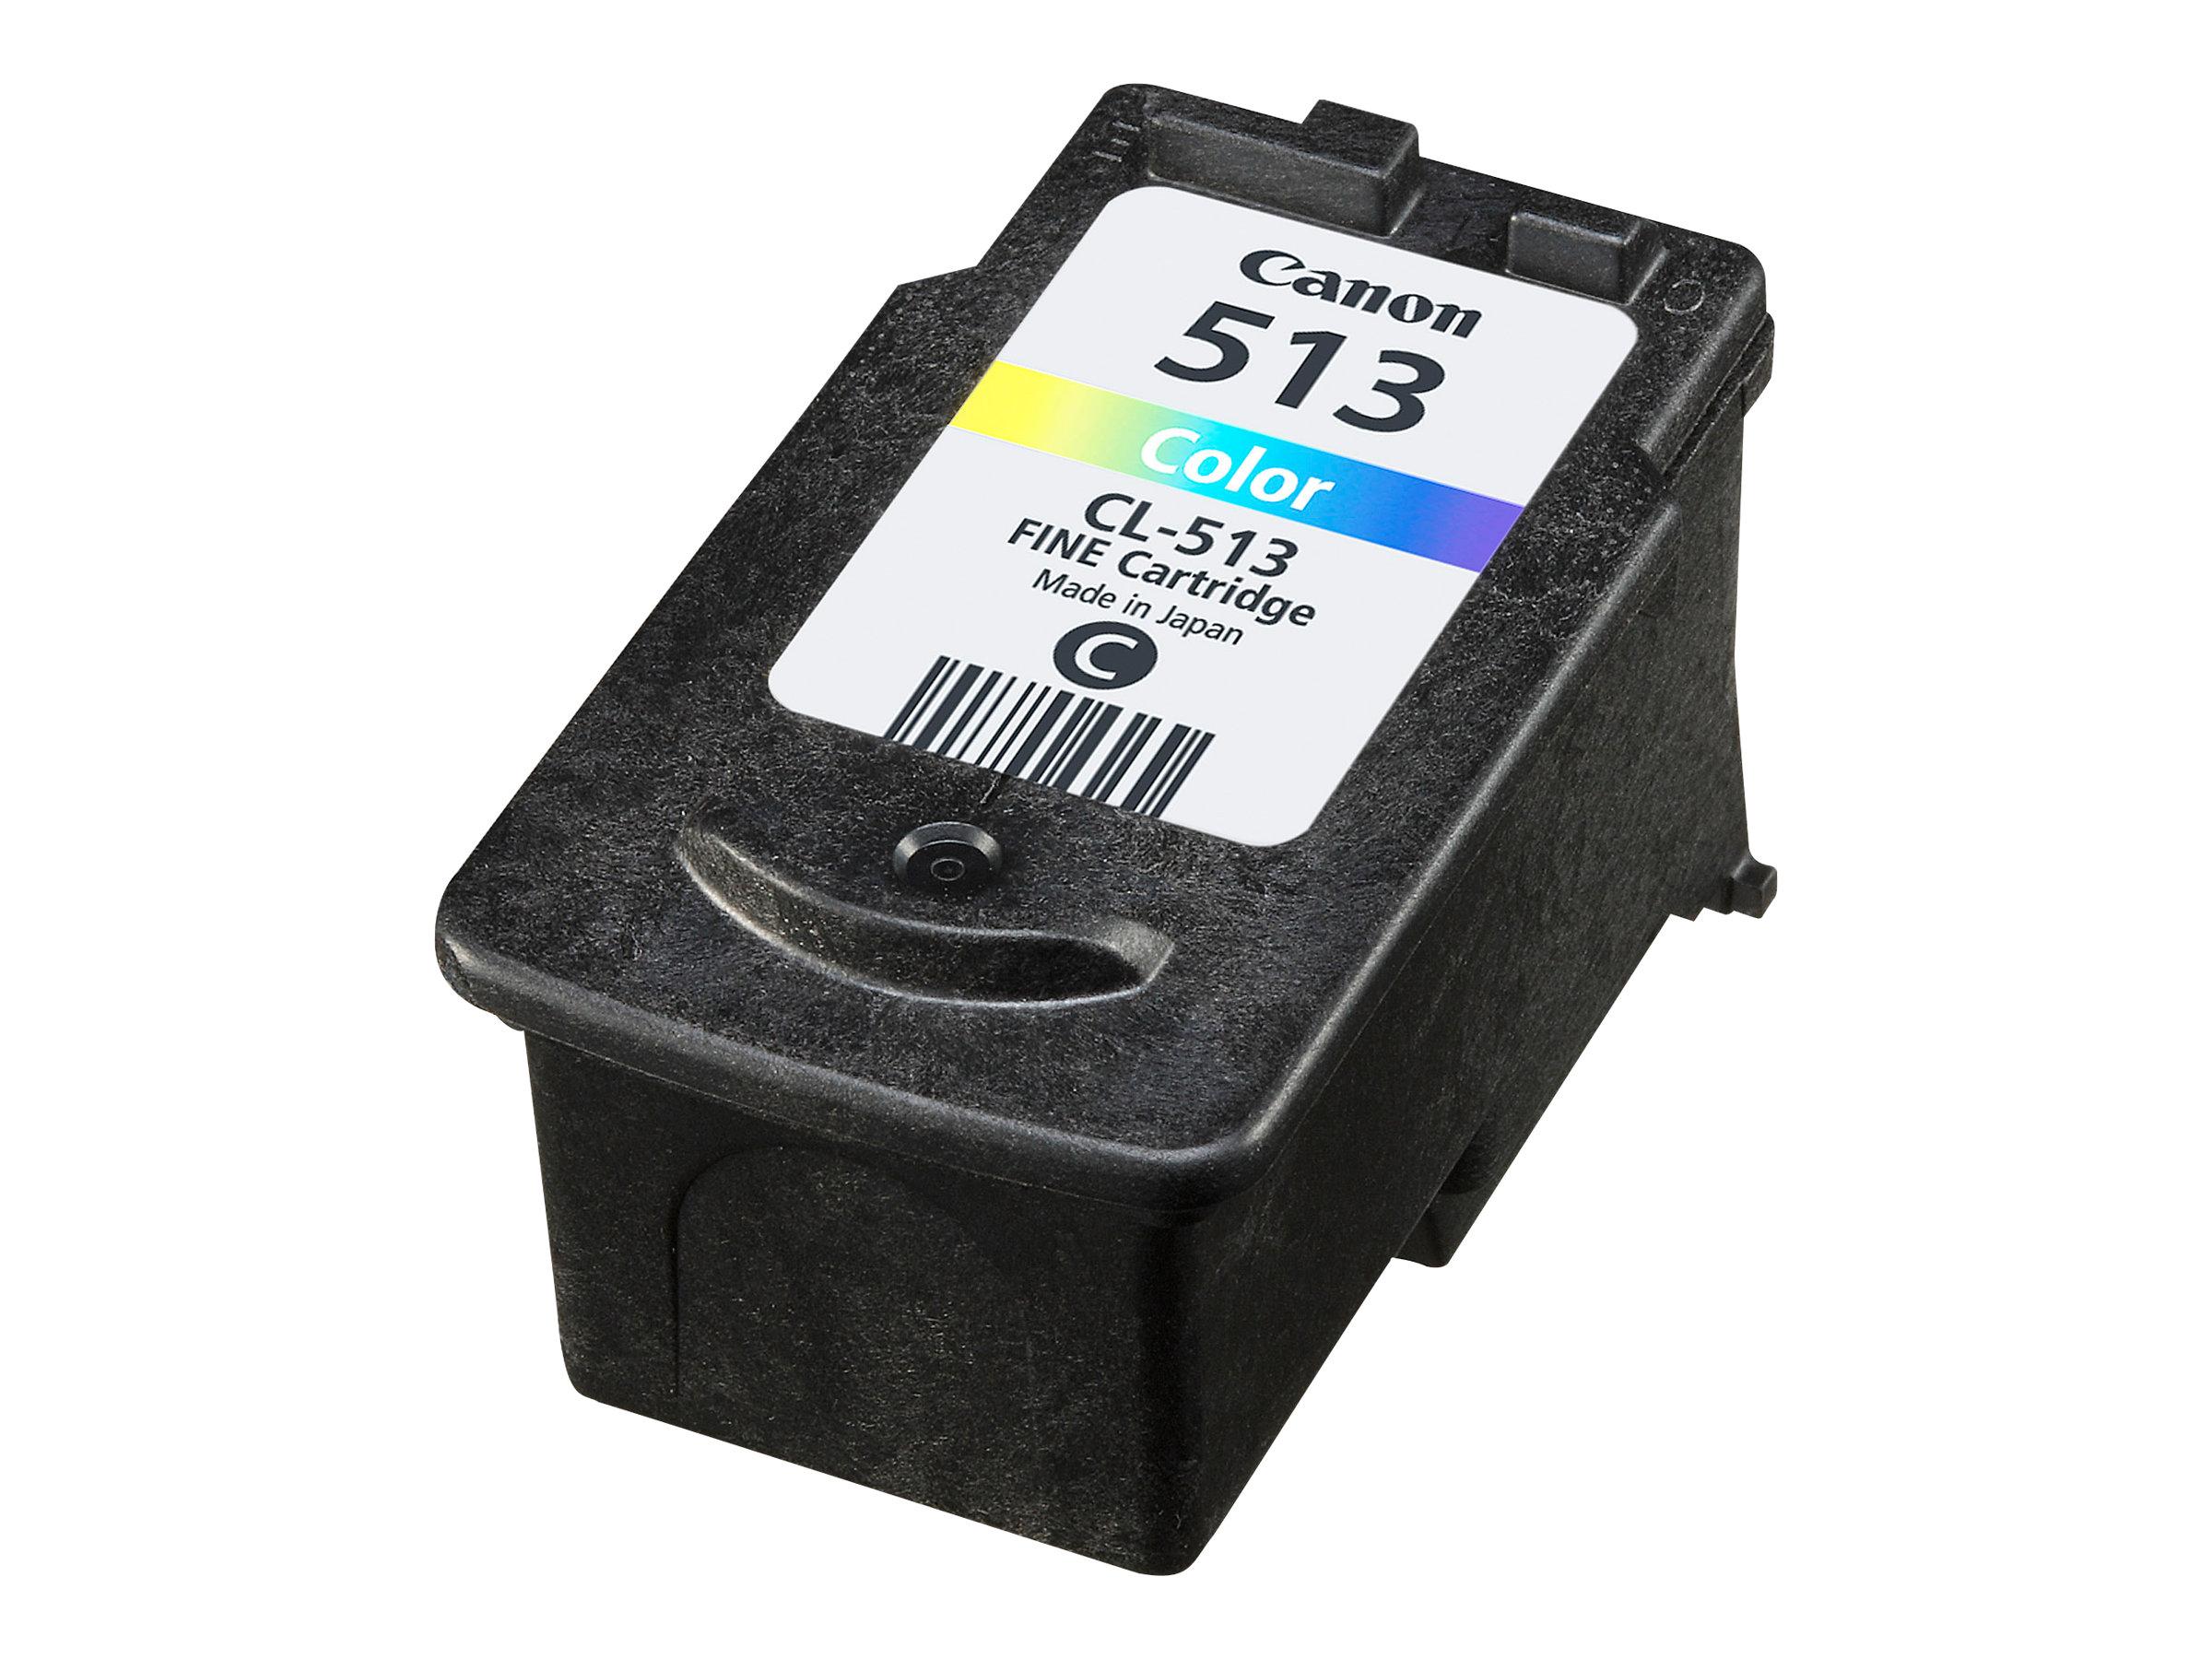 Canon CL-513 - Farbe (Cyan, Magenta, Gelb) - Original - Blister mit Diebstahlsicherung - Tintenbehälter - für PIXMA MP230, MP237